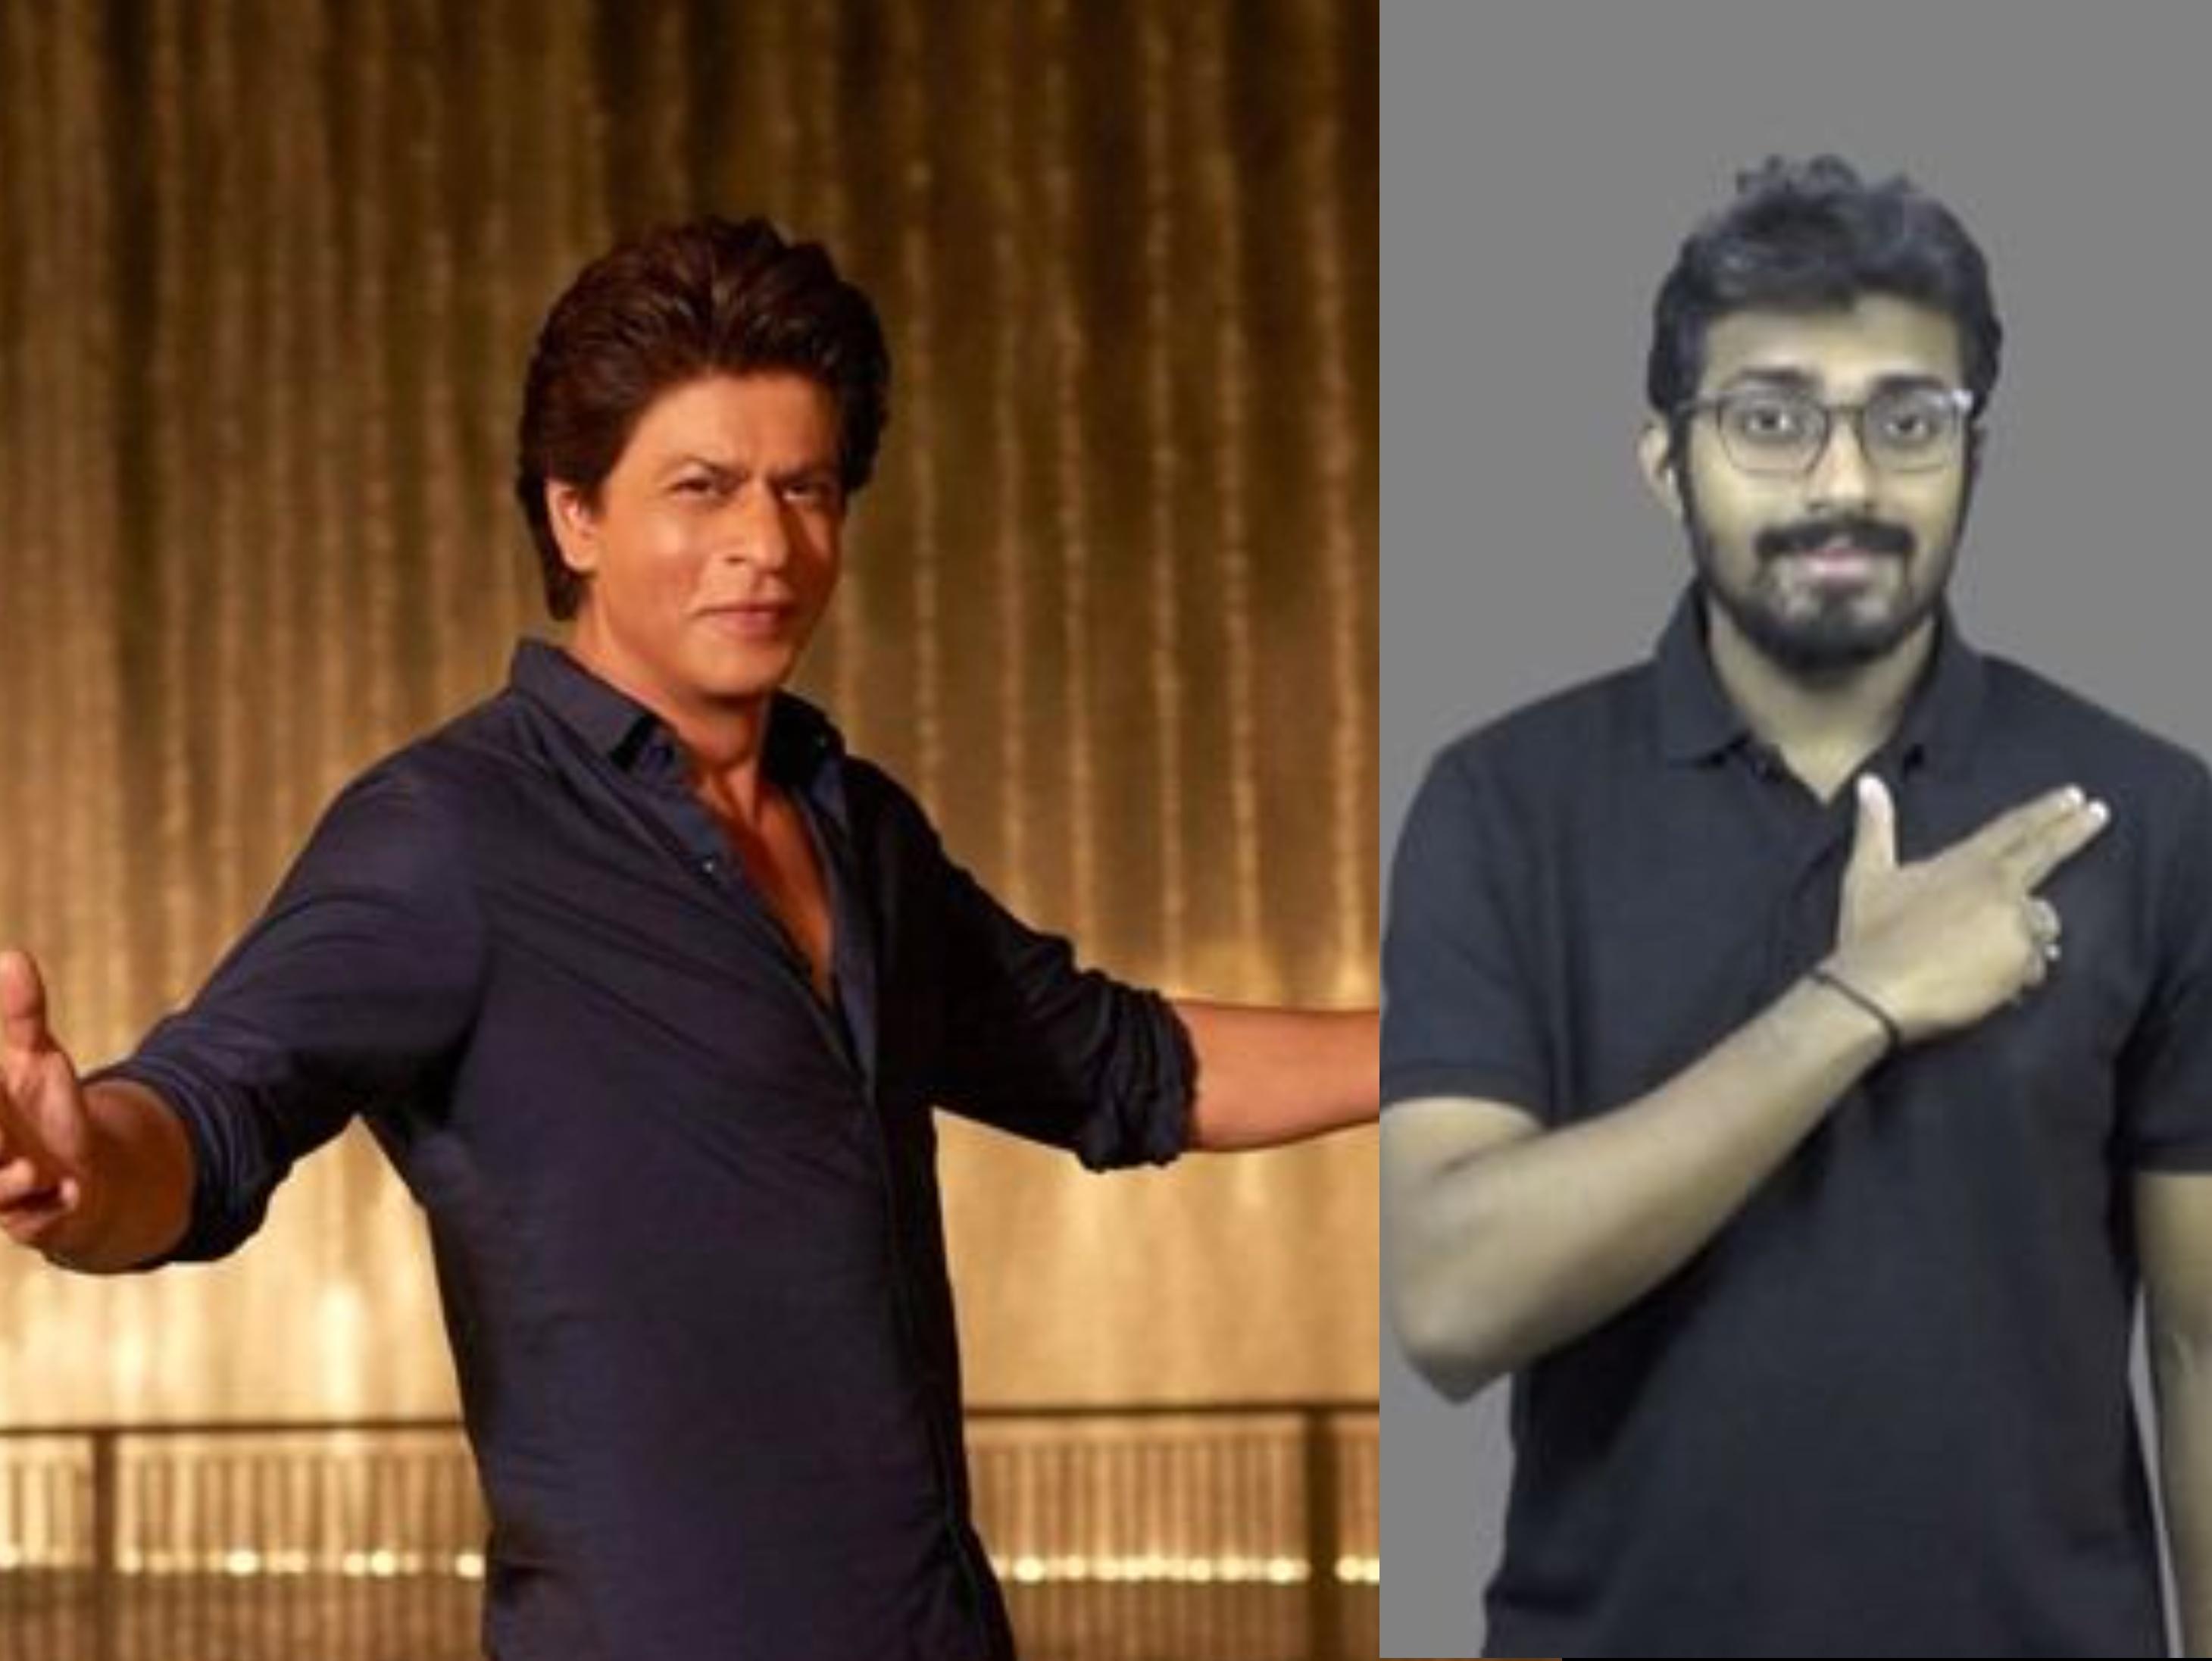 इंडियन साइन लैंग्वेज डिक्शनरी में शाहरुख़ खान का नाम भी शामिल, दायां हाथ बंदूक की तरह दिल पर दो बार टैप करना होगा बॉलीवुड,Bollywood - Dainik Bhaskar